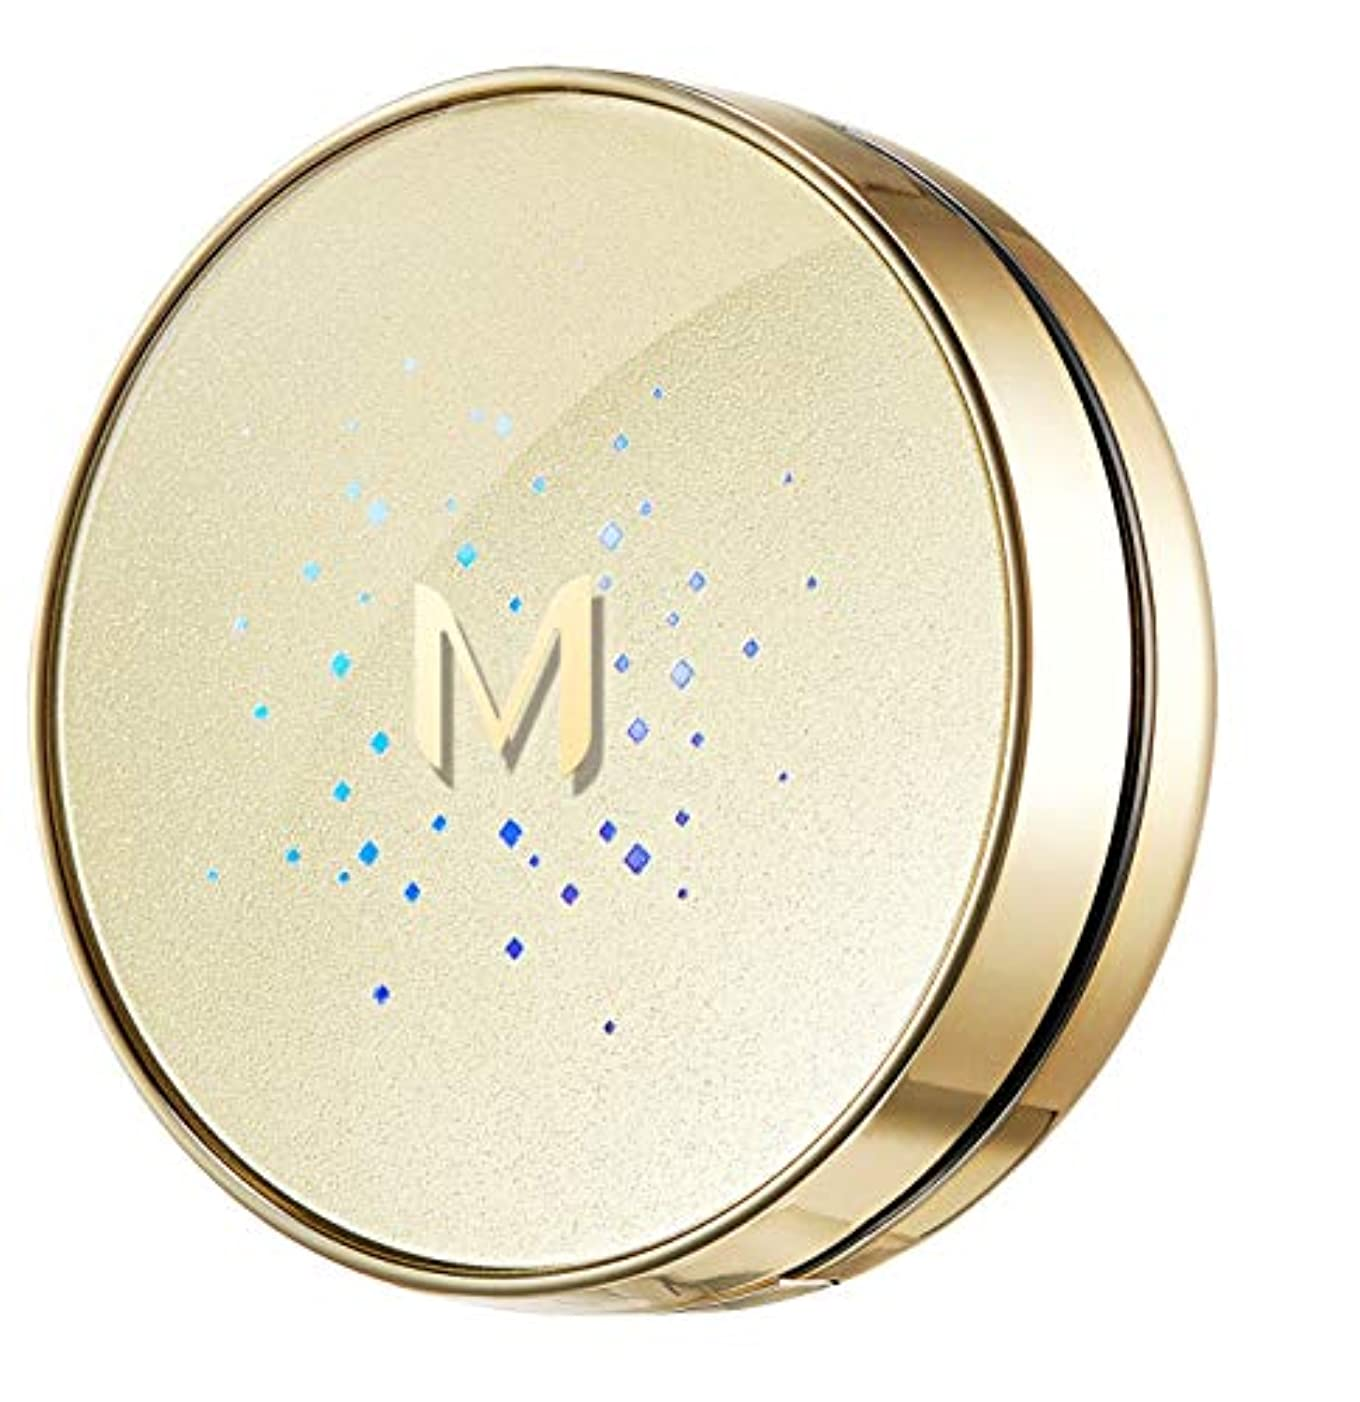 彼女は不機嫌自信がある【ミシャ.missha】Mゴールドクッション#21(14G)SPF50+/ PA+++ GOLD CUSHIONシワ改善。美白紫外線遮断の機能性化粧品